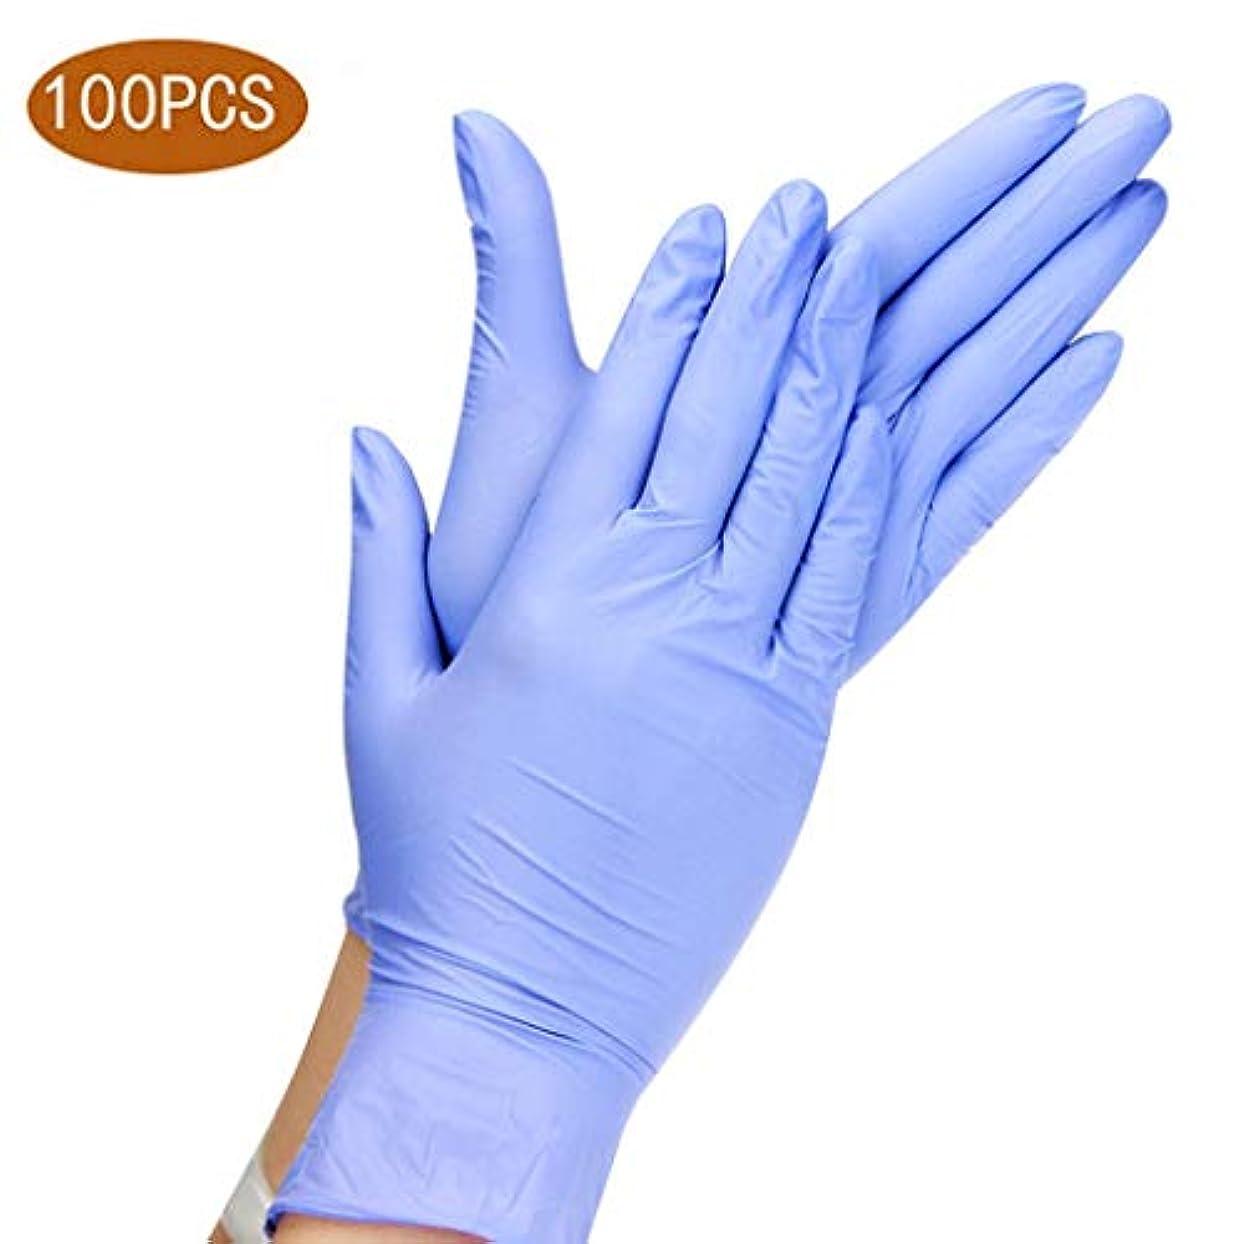 充電量禁止ニトリル手袋ビニール試験使い捨て手袋-検査実験美容歯科、弾性油耐性工業用サロンラテックスフリー、パウダーフリー、両手利き、100個 (Size : S)